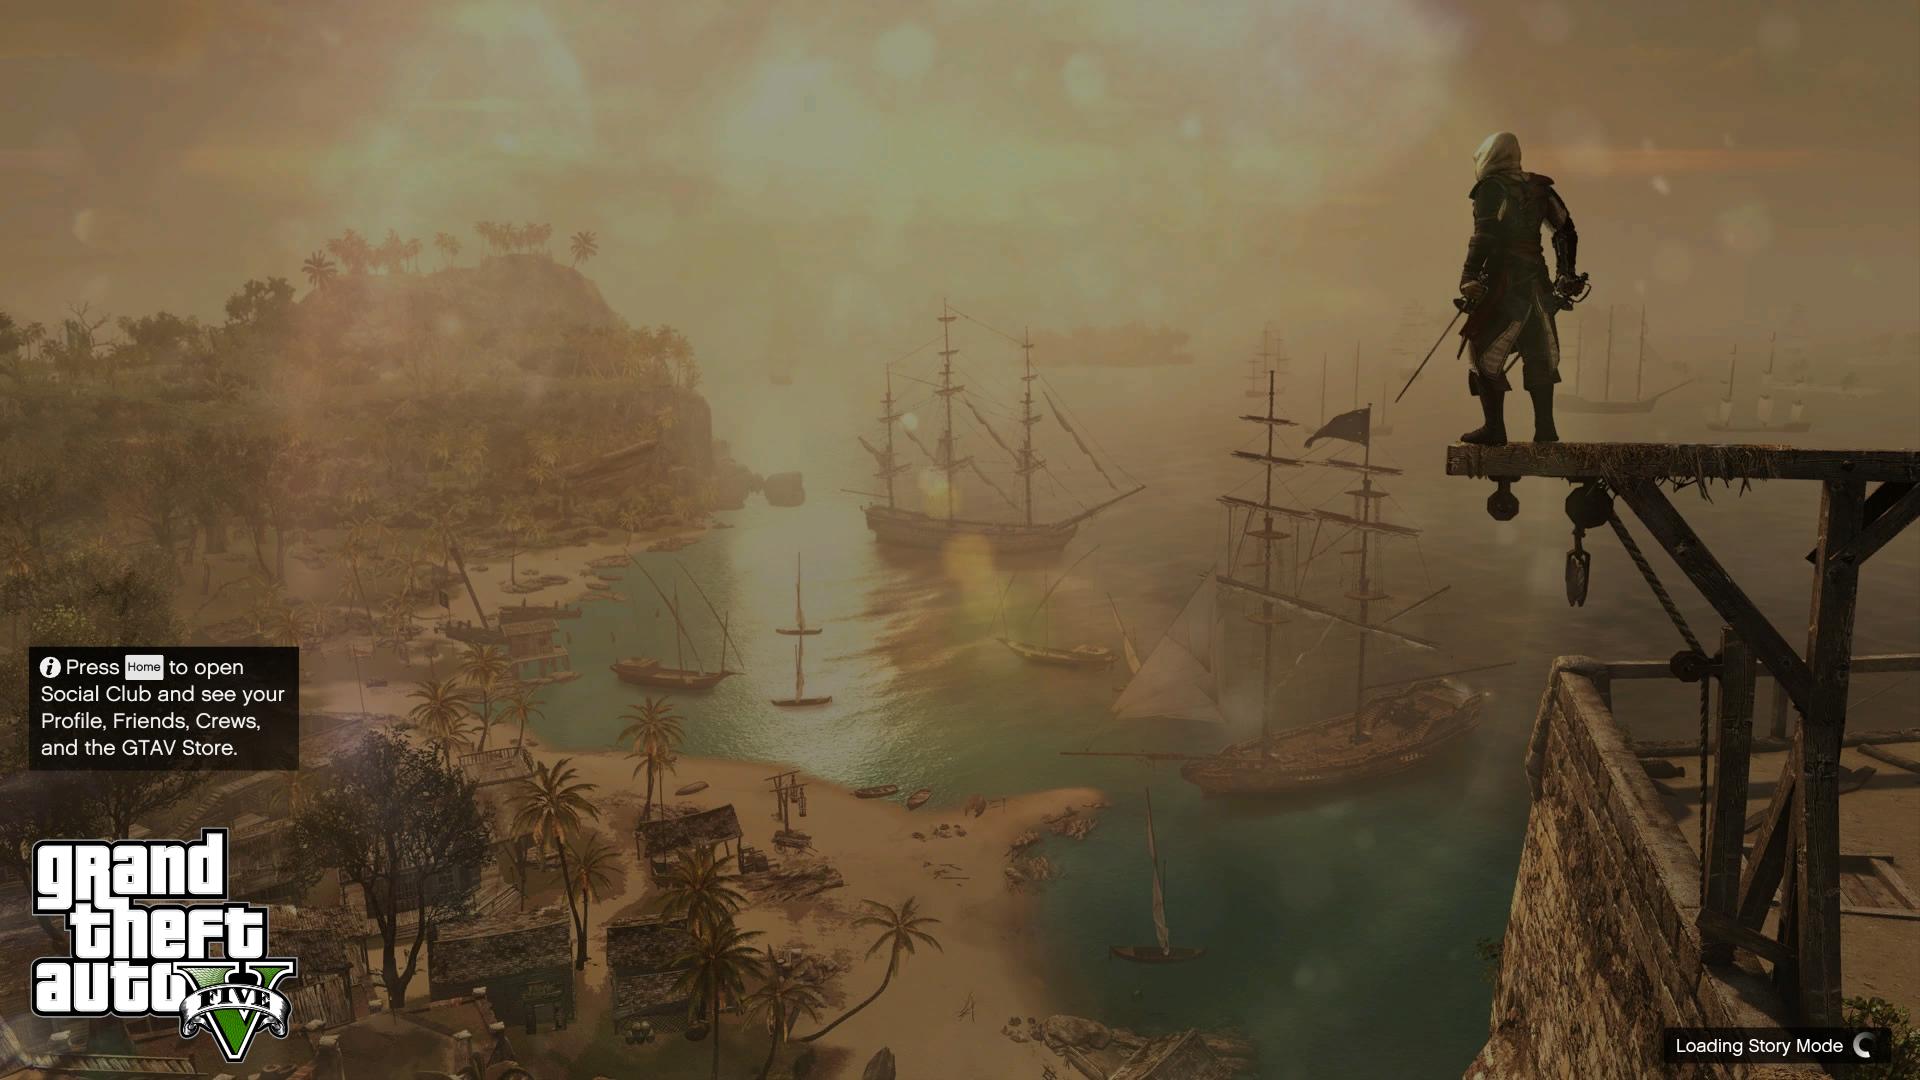 ubisoft games loading screens - GTA5-Mods com